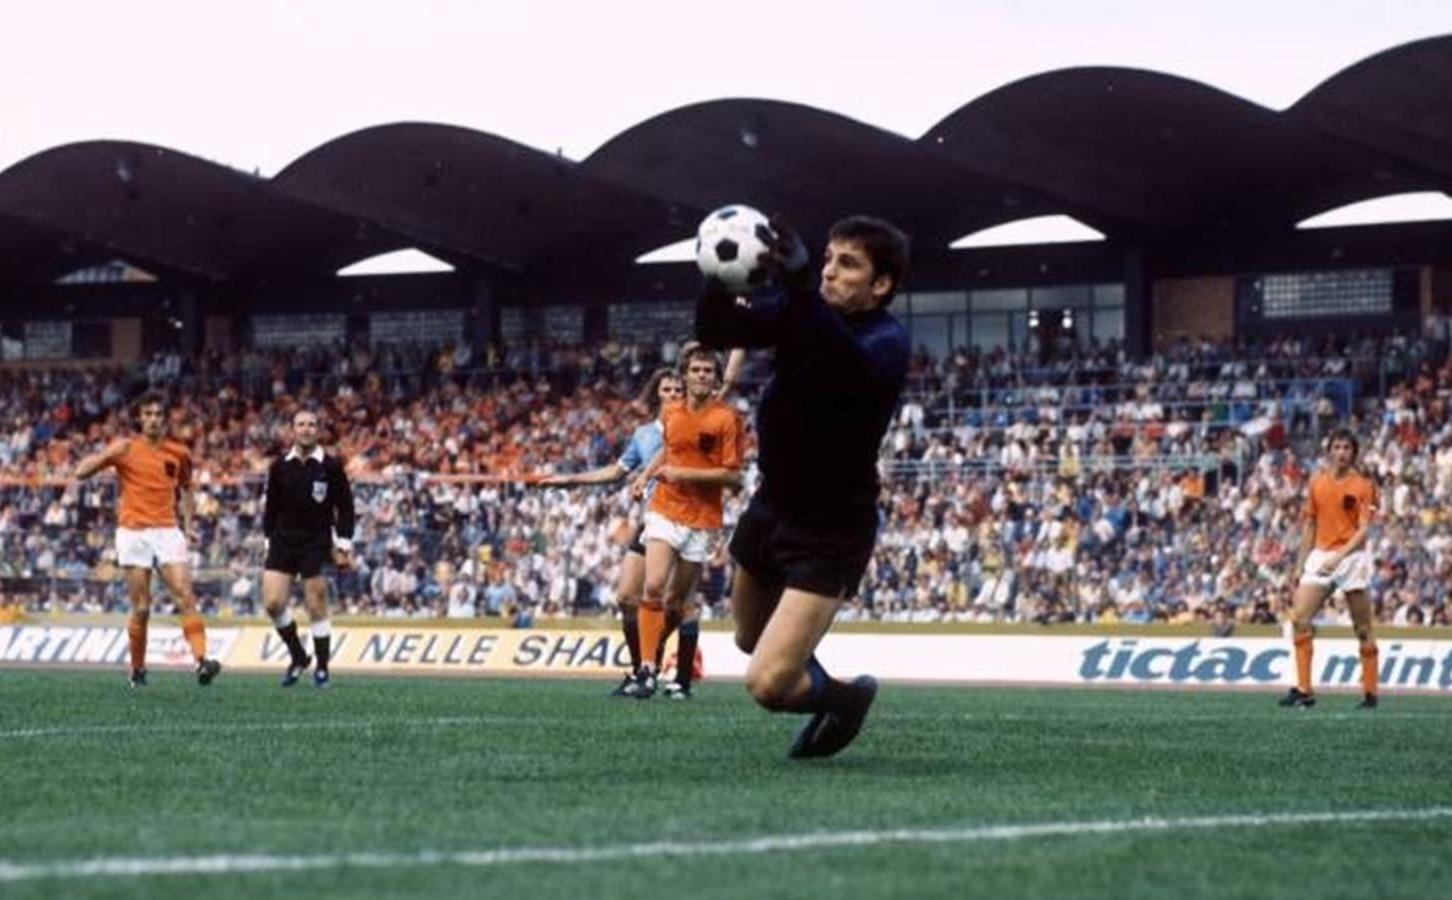 wchd-1974-olanda-uruguay